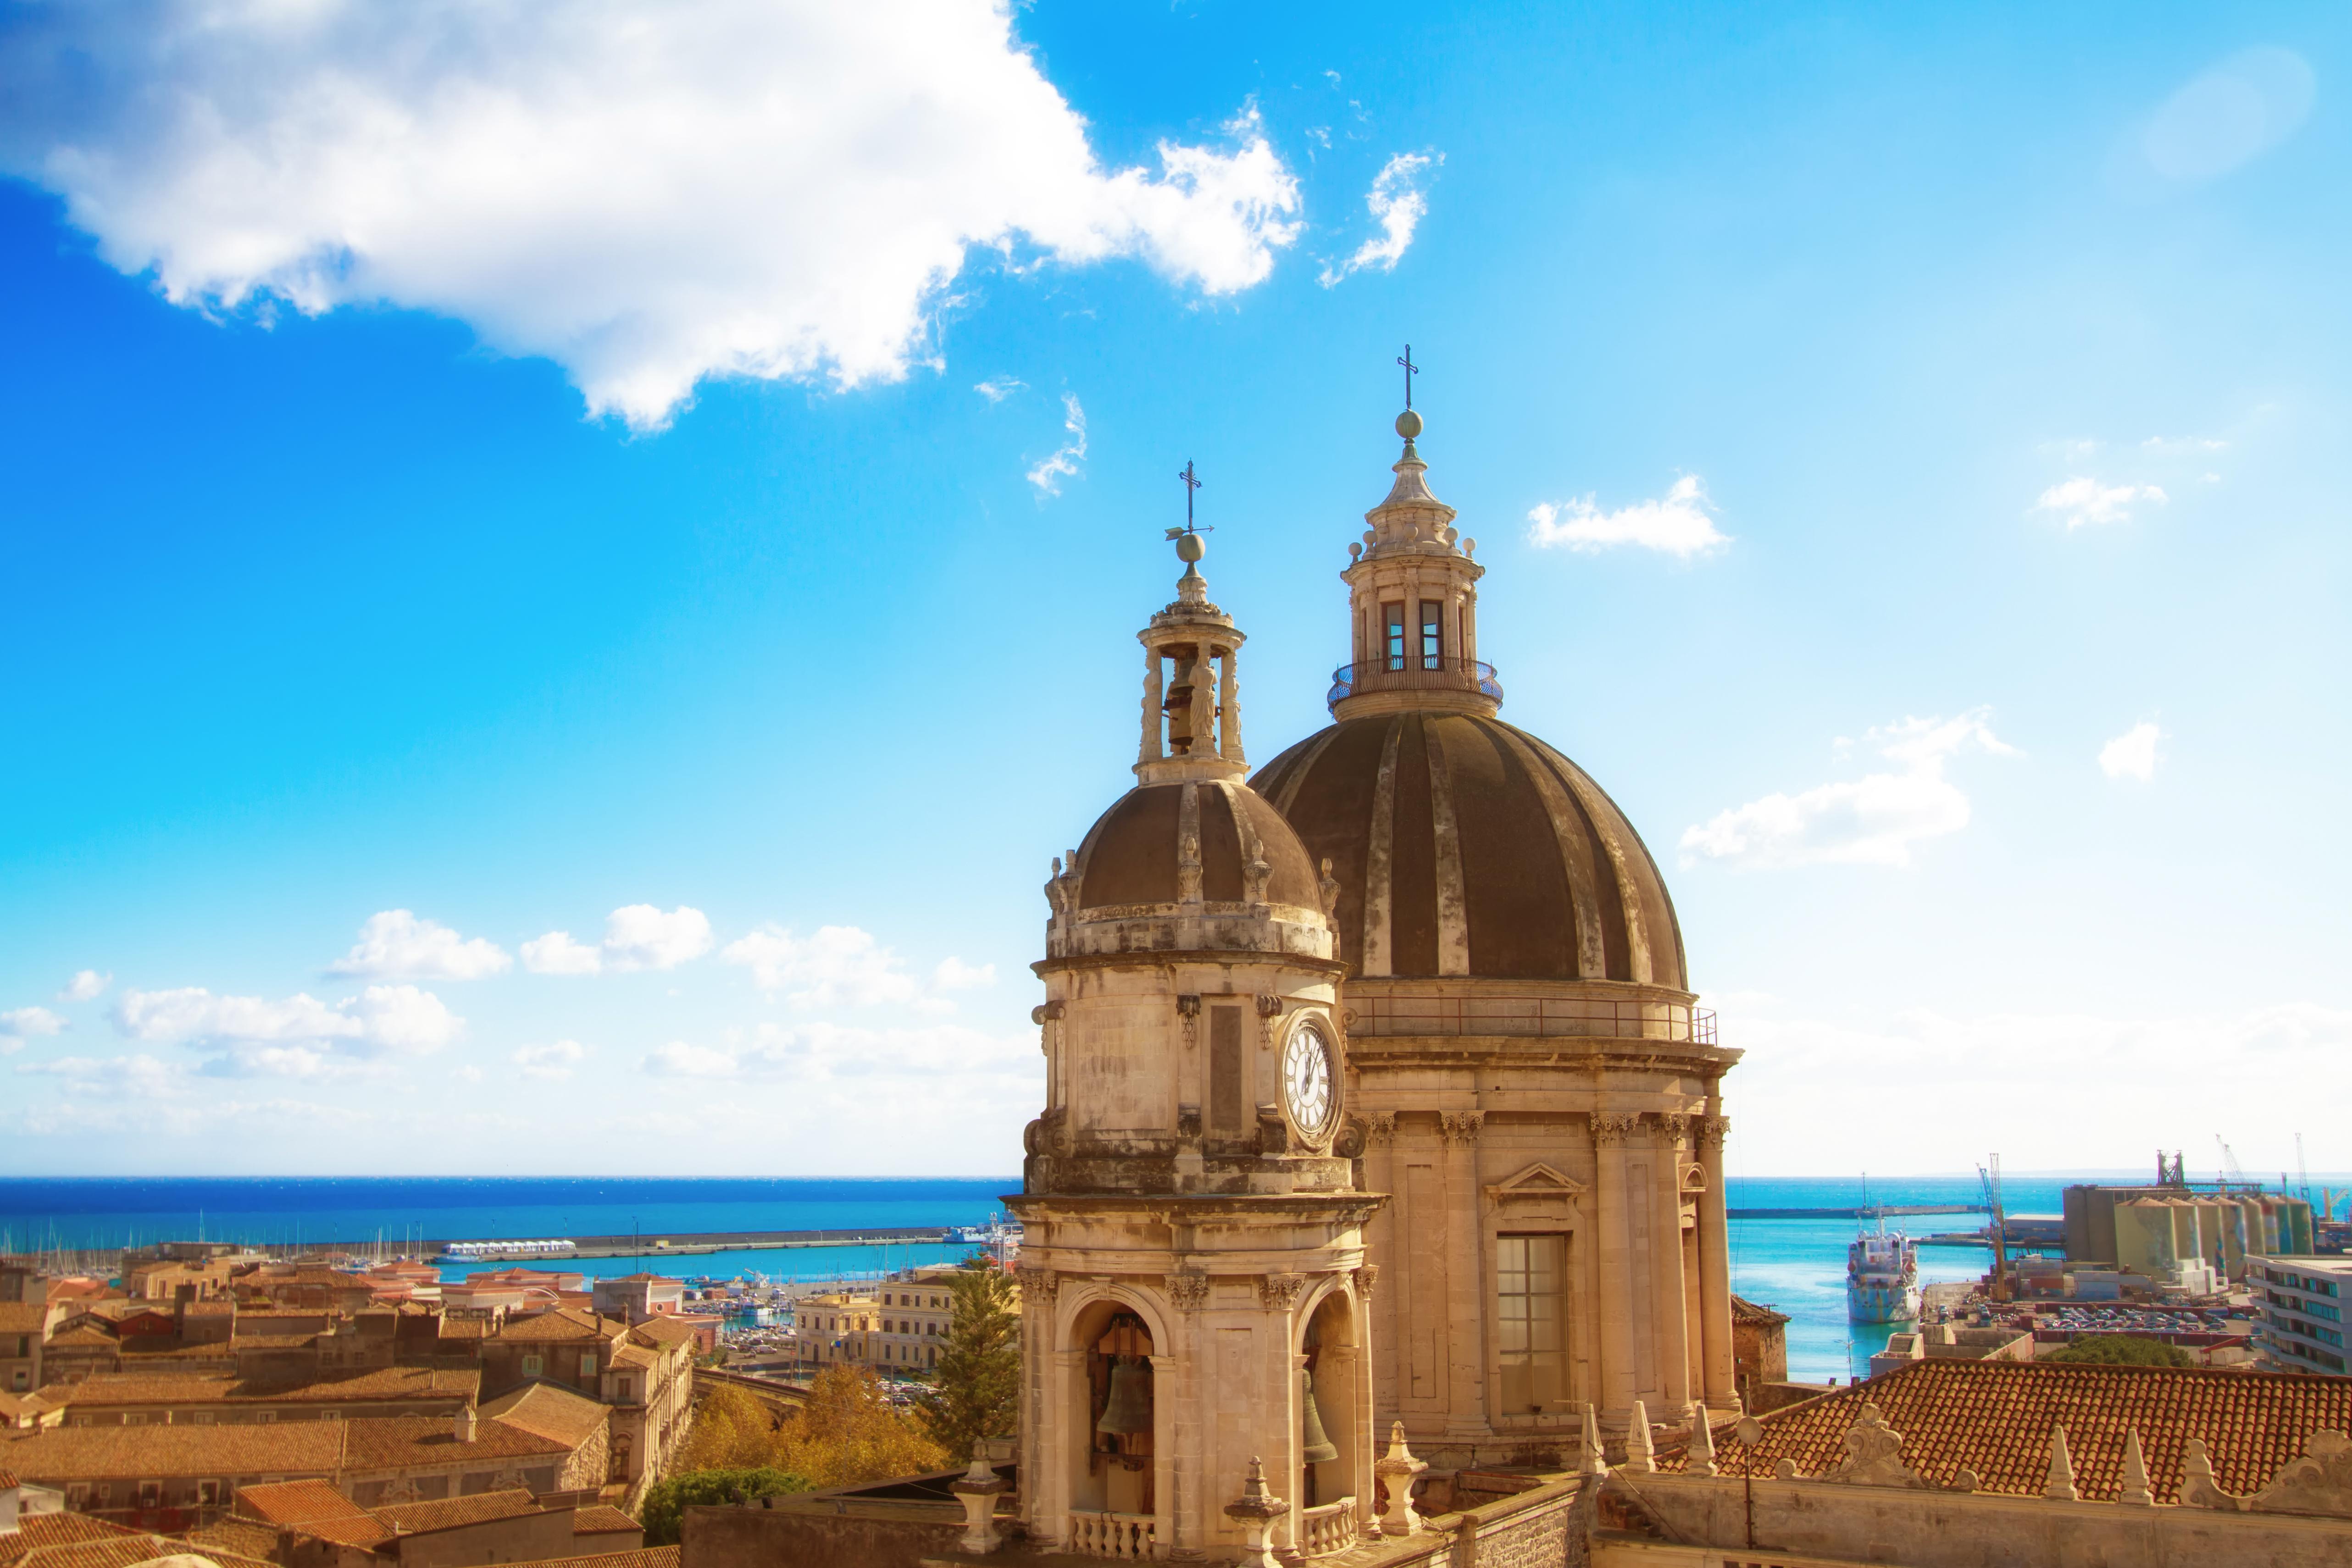 Descubre la sorprendente ciudad volcánica de Catania - Italia Circuito Sicilia Clásica y Nápoles